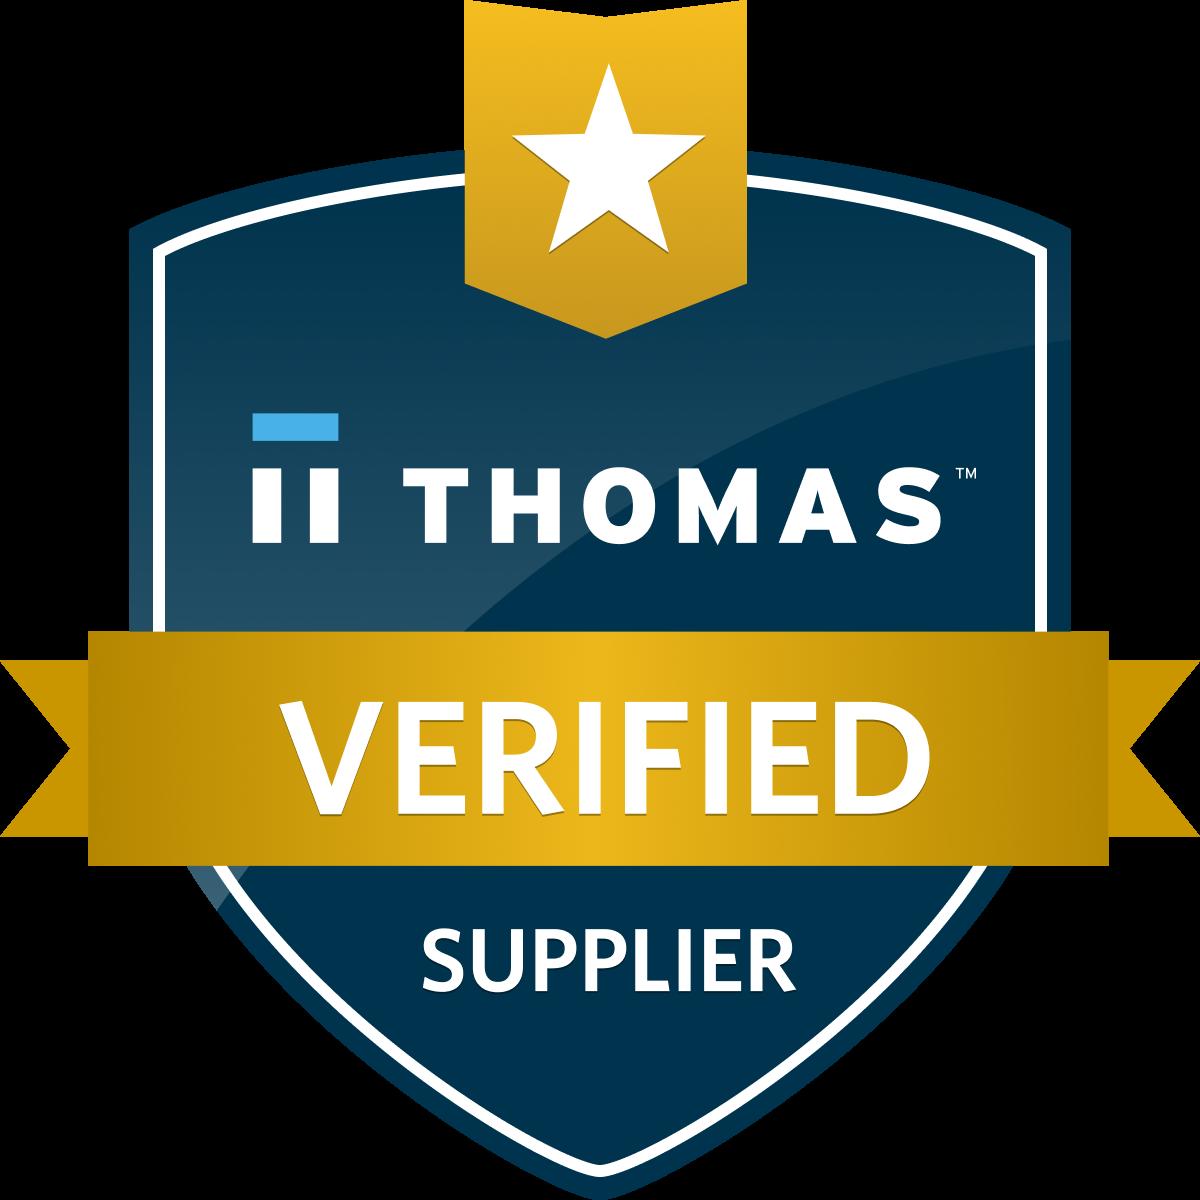 Thomas Verified Supplier